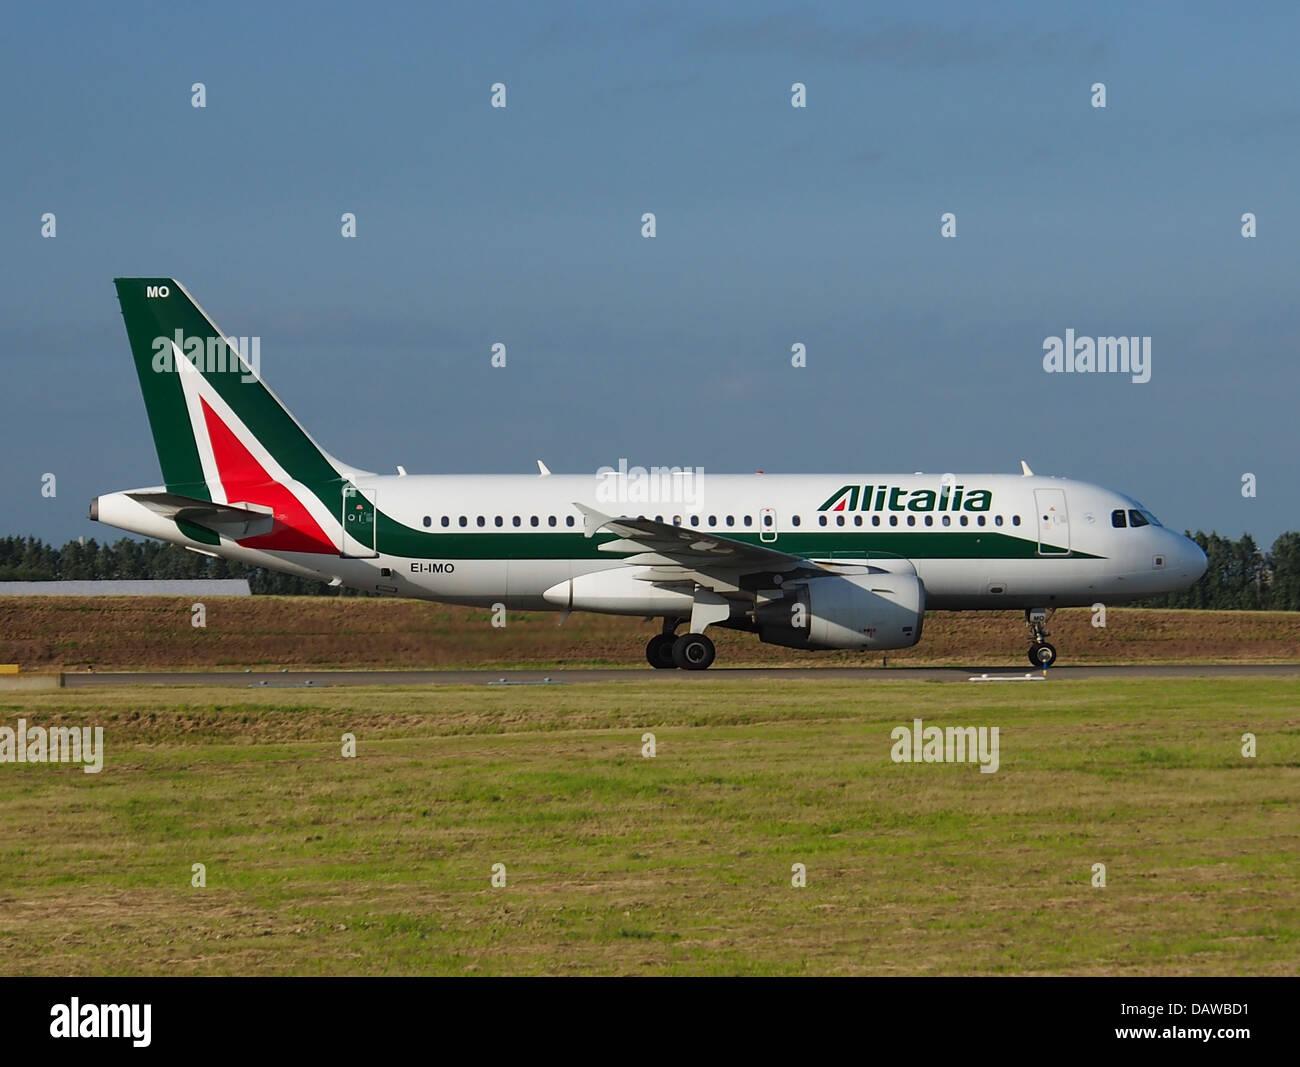 EI-OMI Alitalia Airbus A319-112 - cn 1770 Banque D'Images